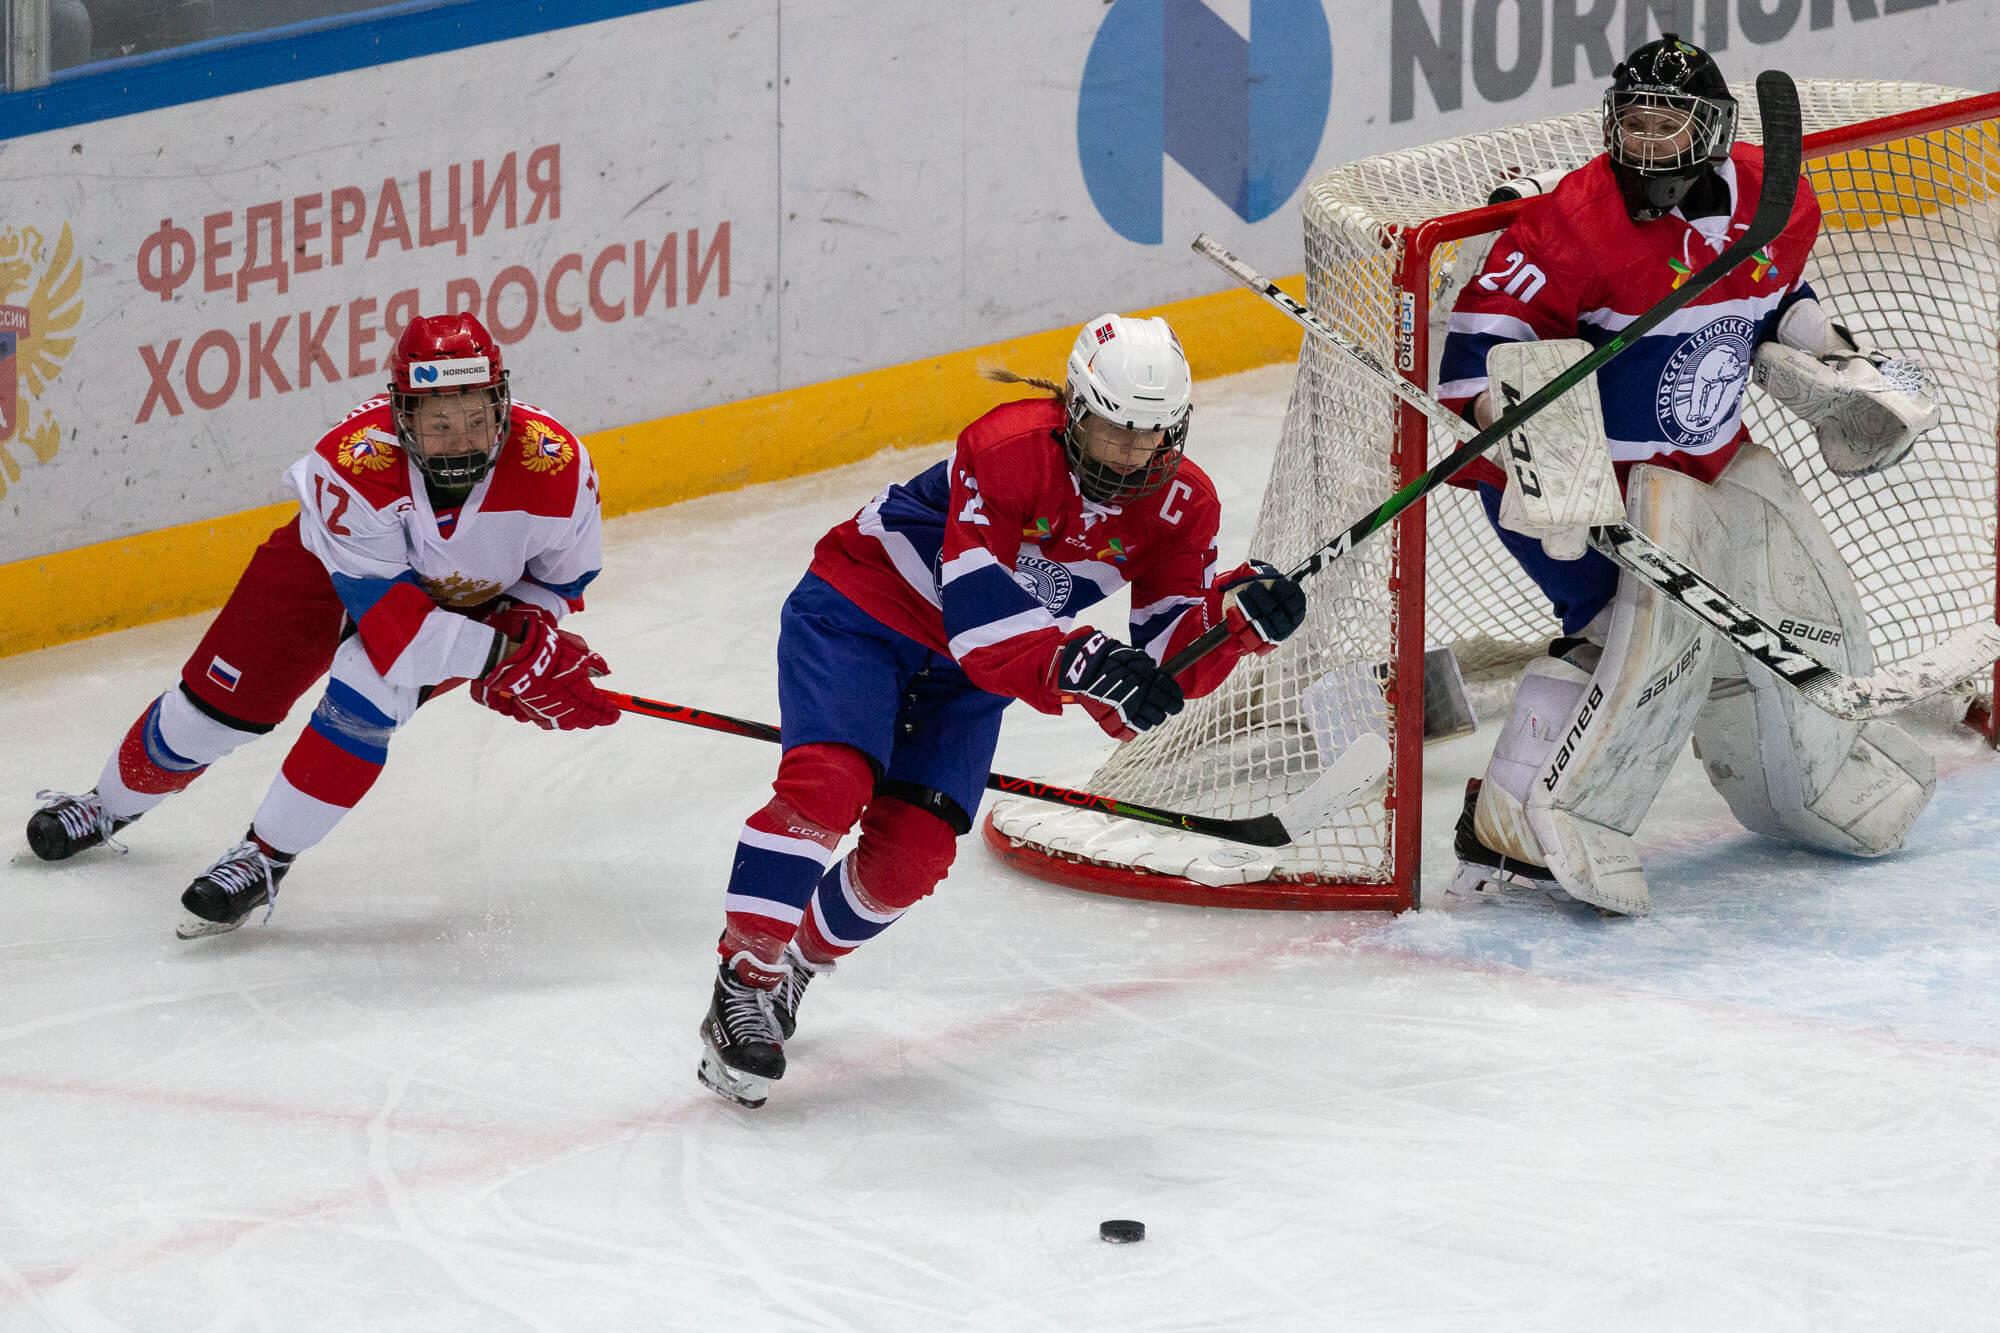 Турнир шести нацийпо женскому хоккею в Сочи: матч Россия — Норвегия